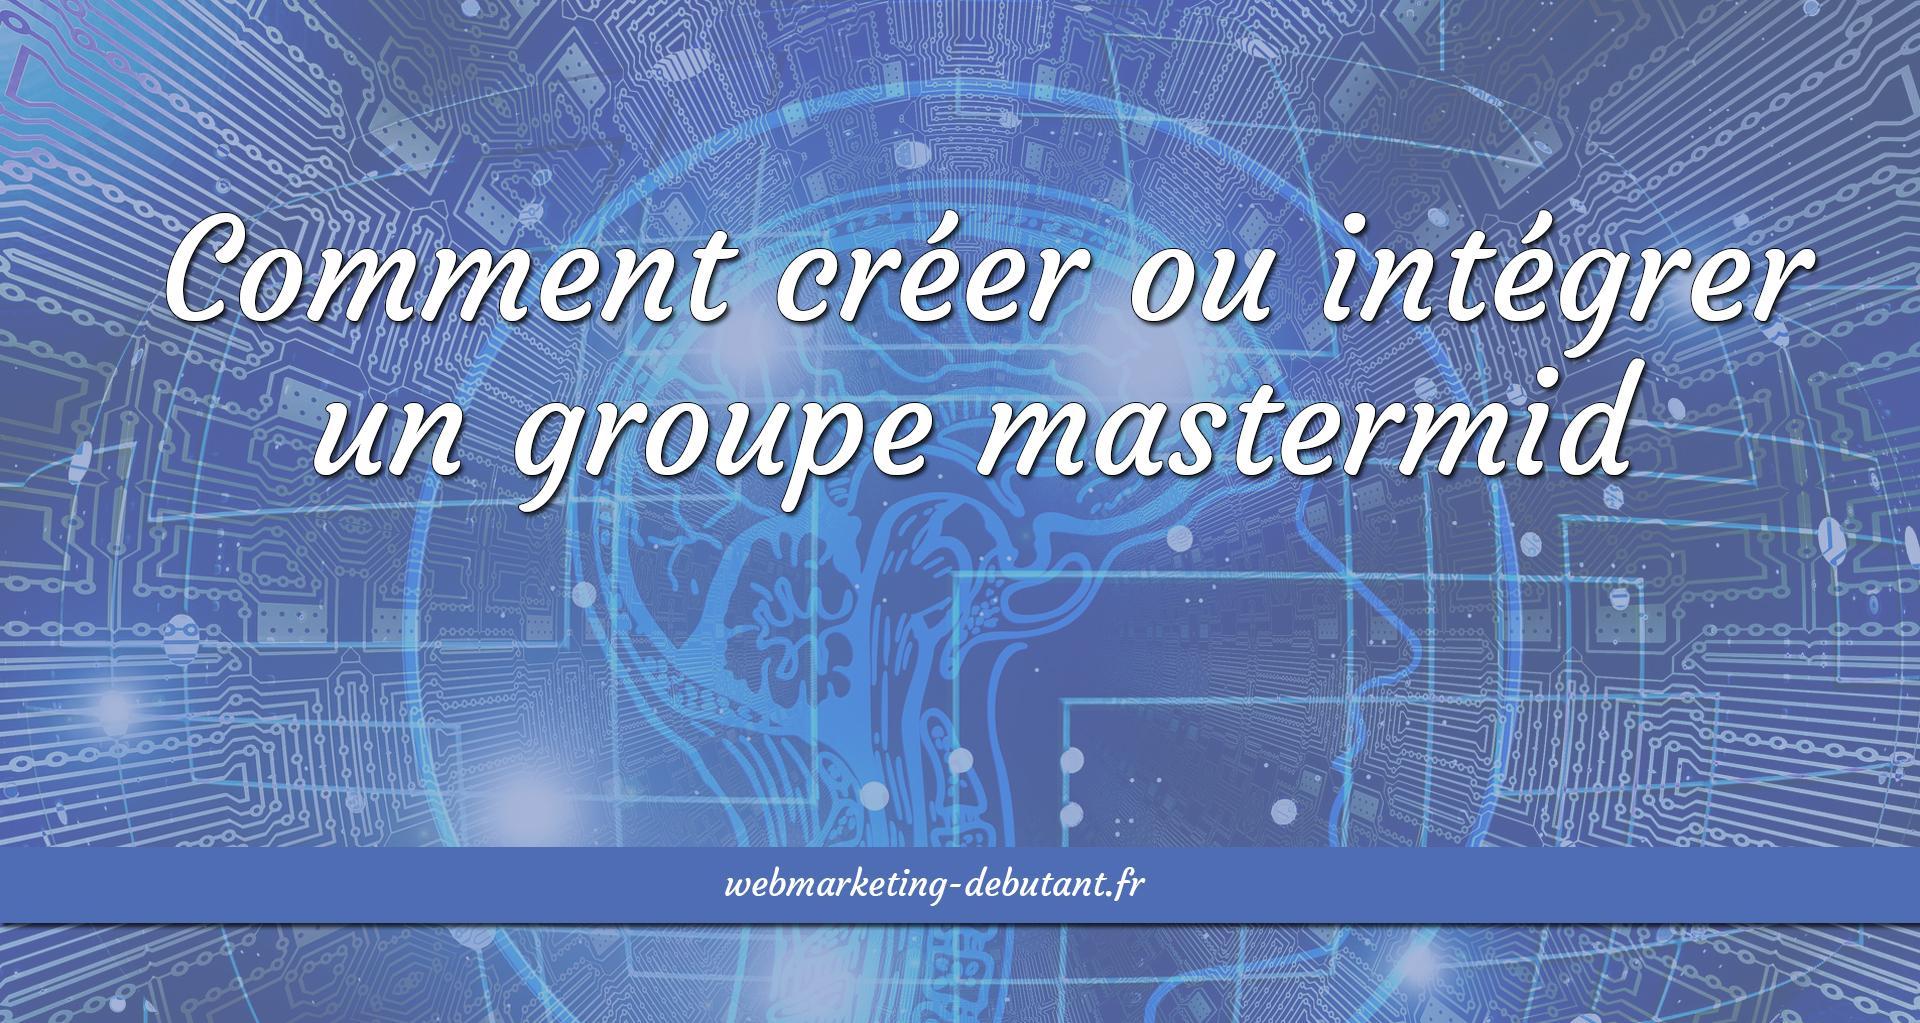 comment créer ou intégrer un groupe mastermind